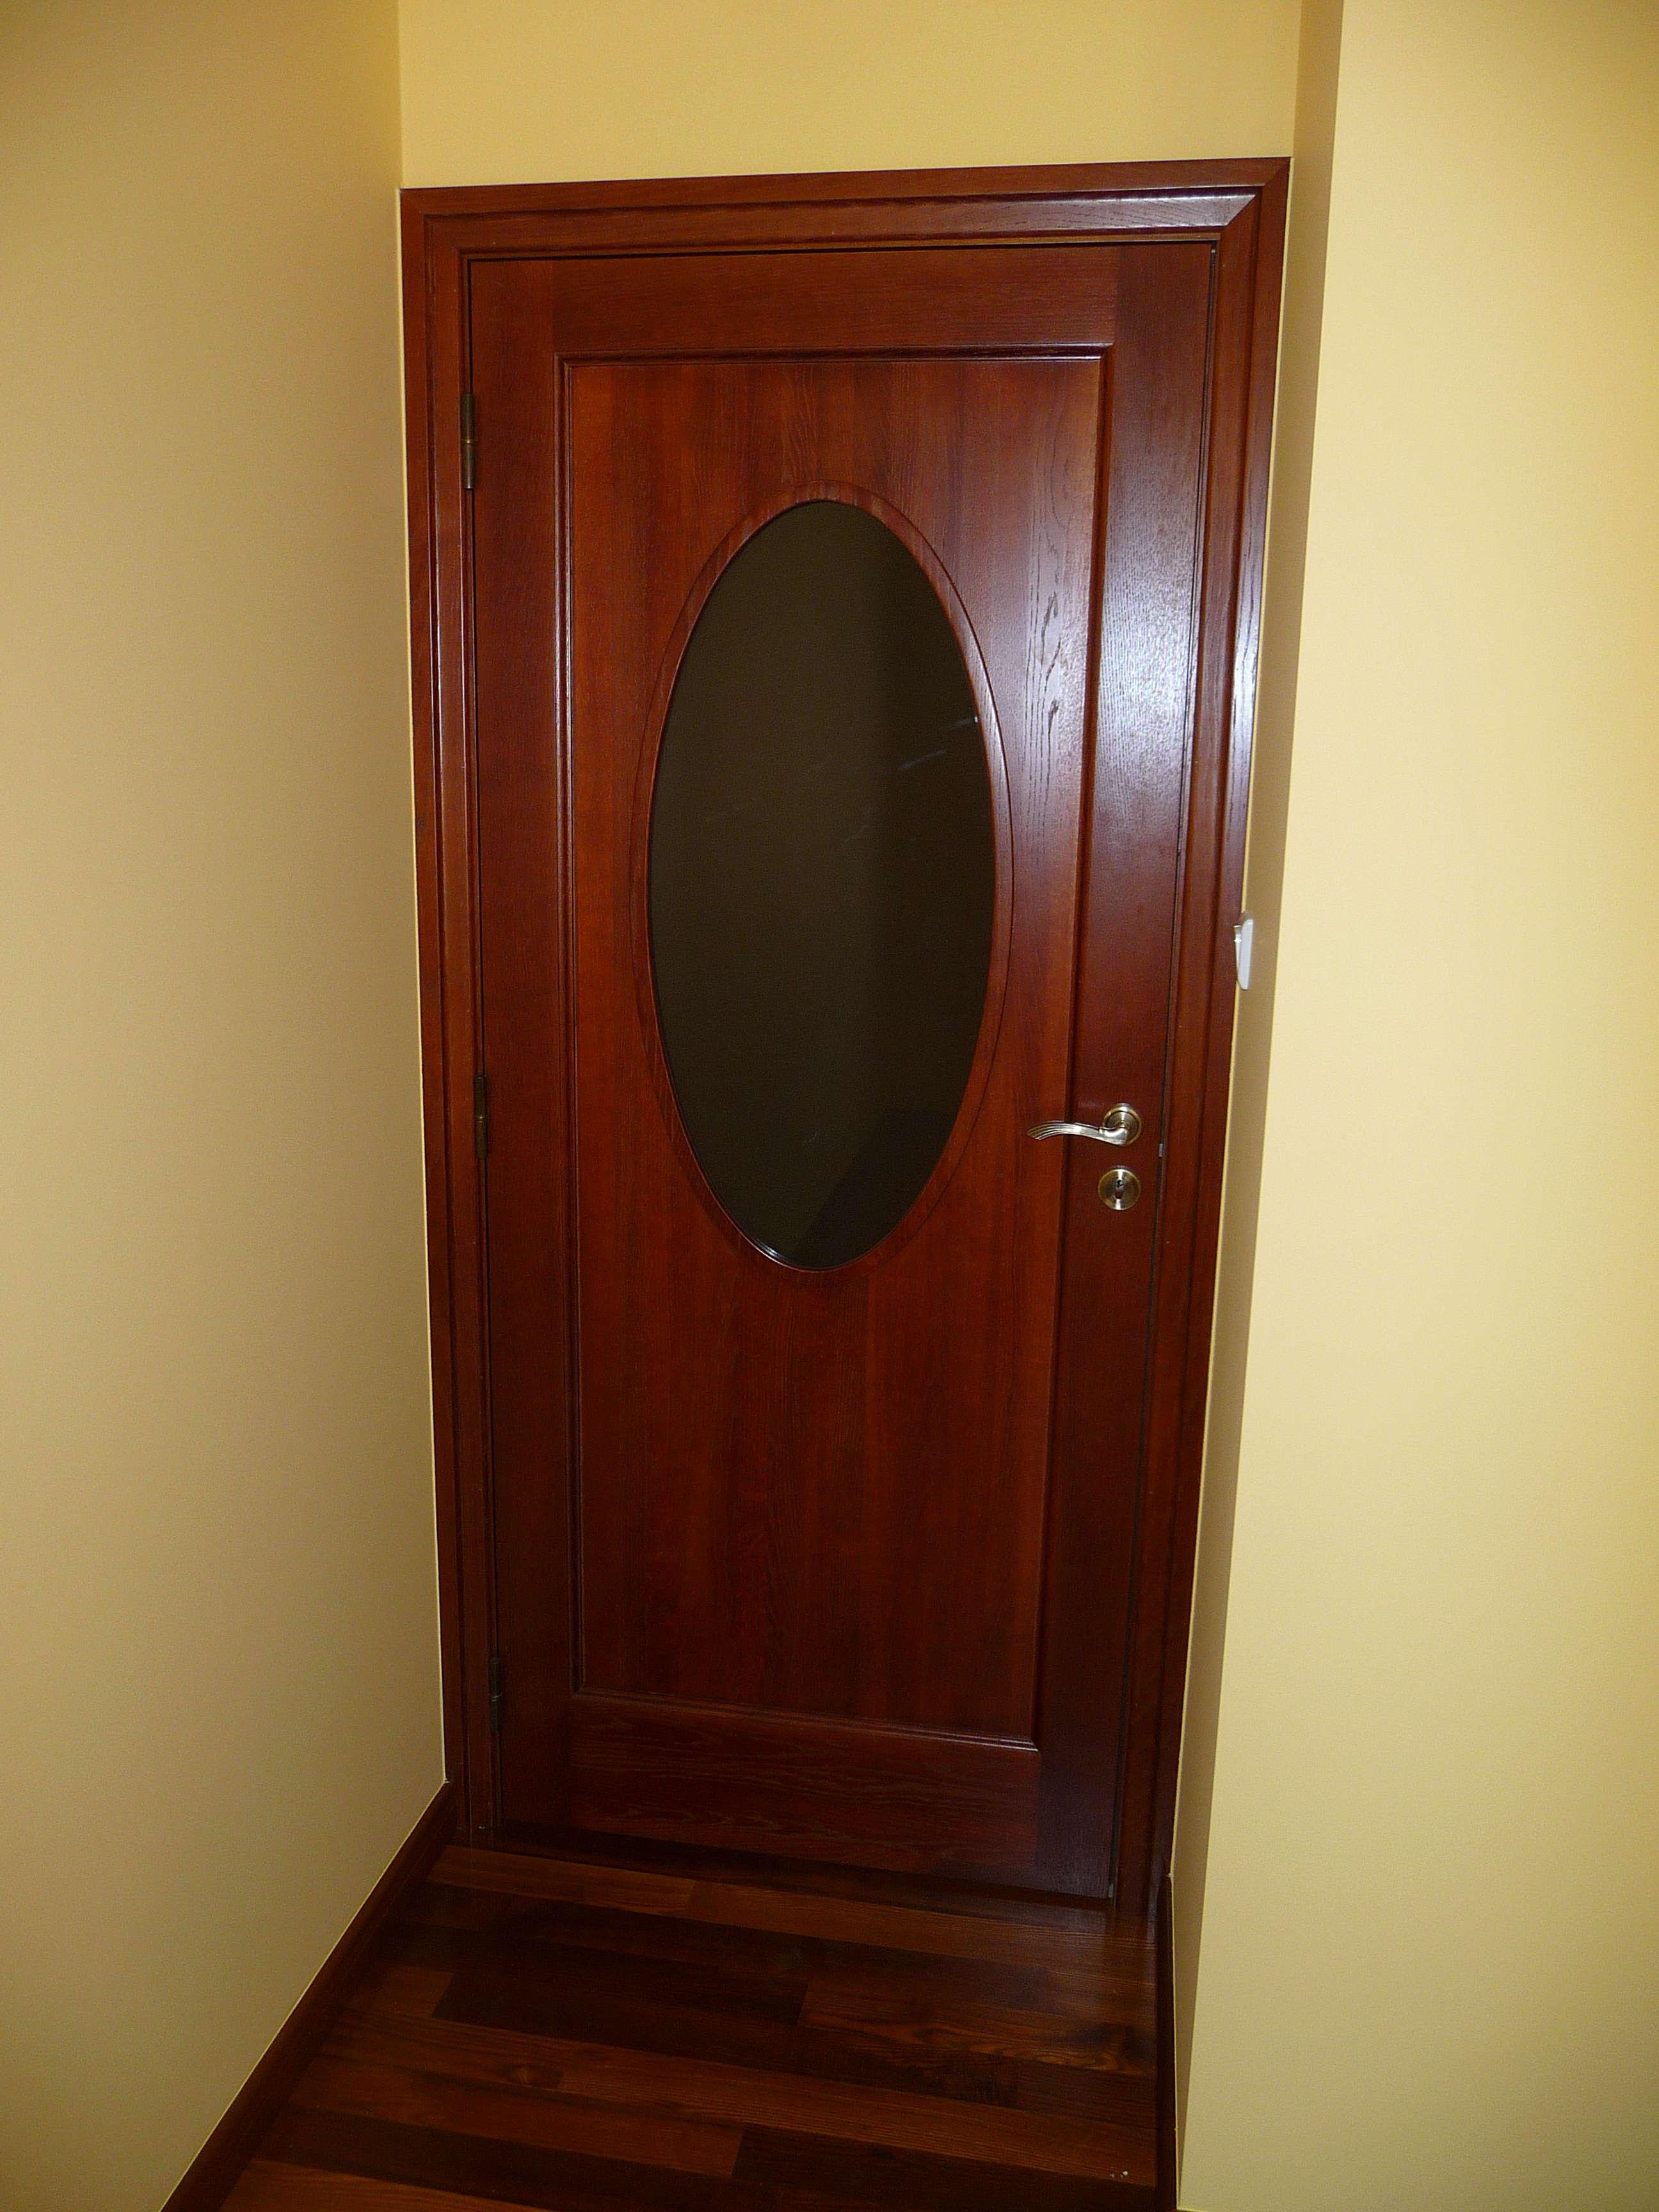 Drzwi wewnętrzne, drewniane z eliptycznym przeszkleniem